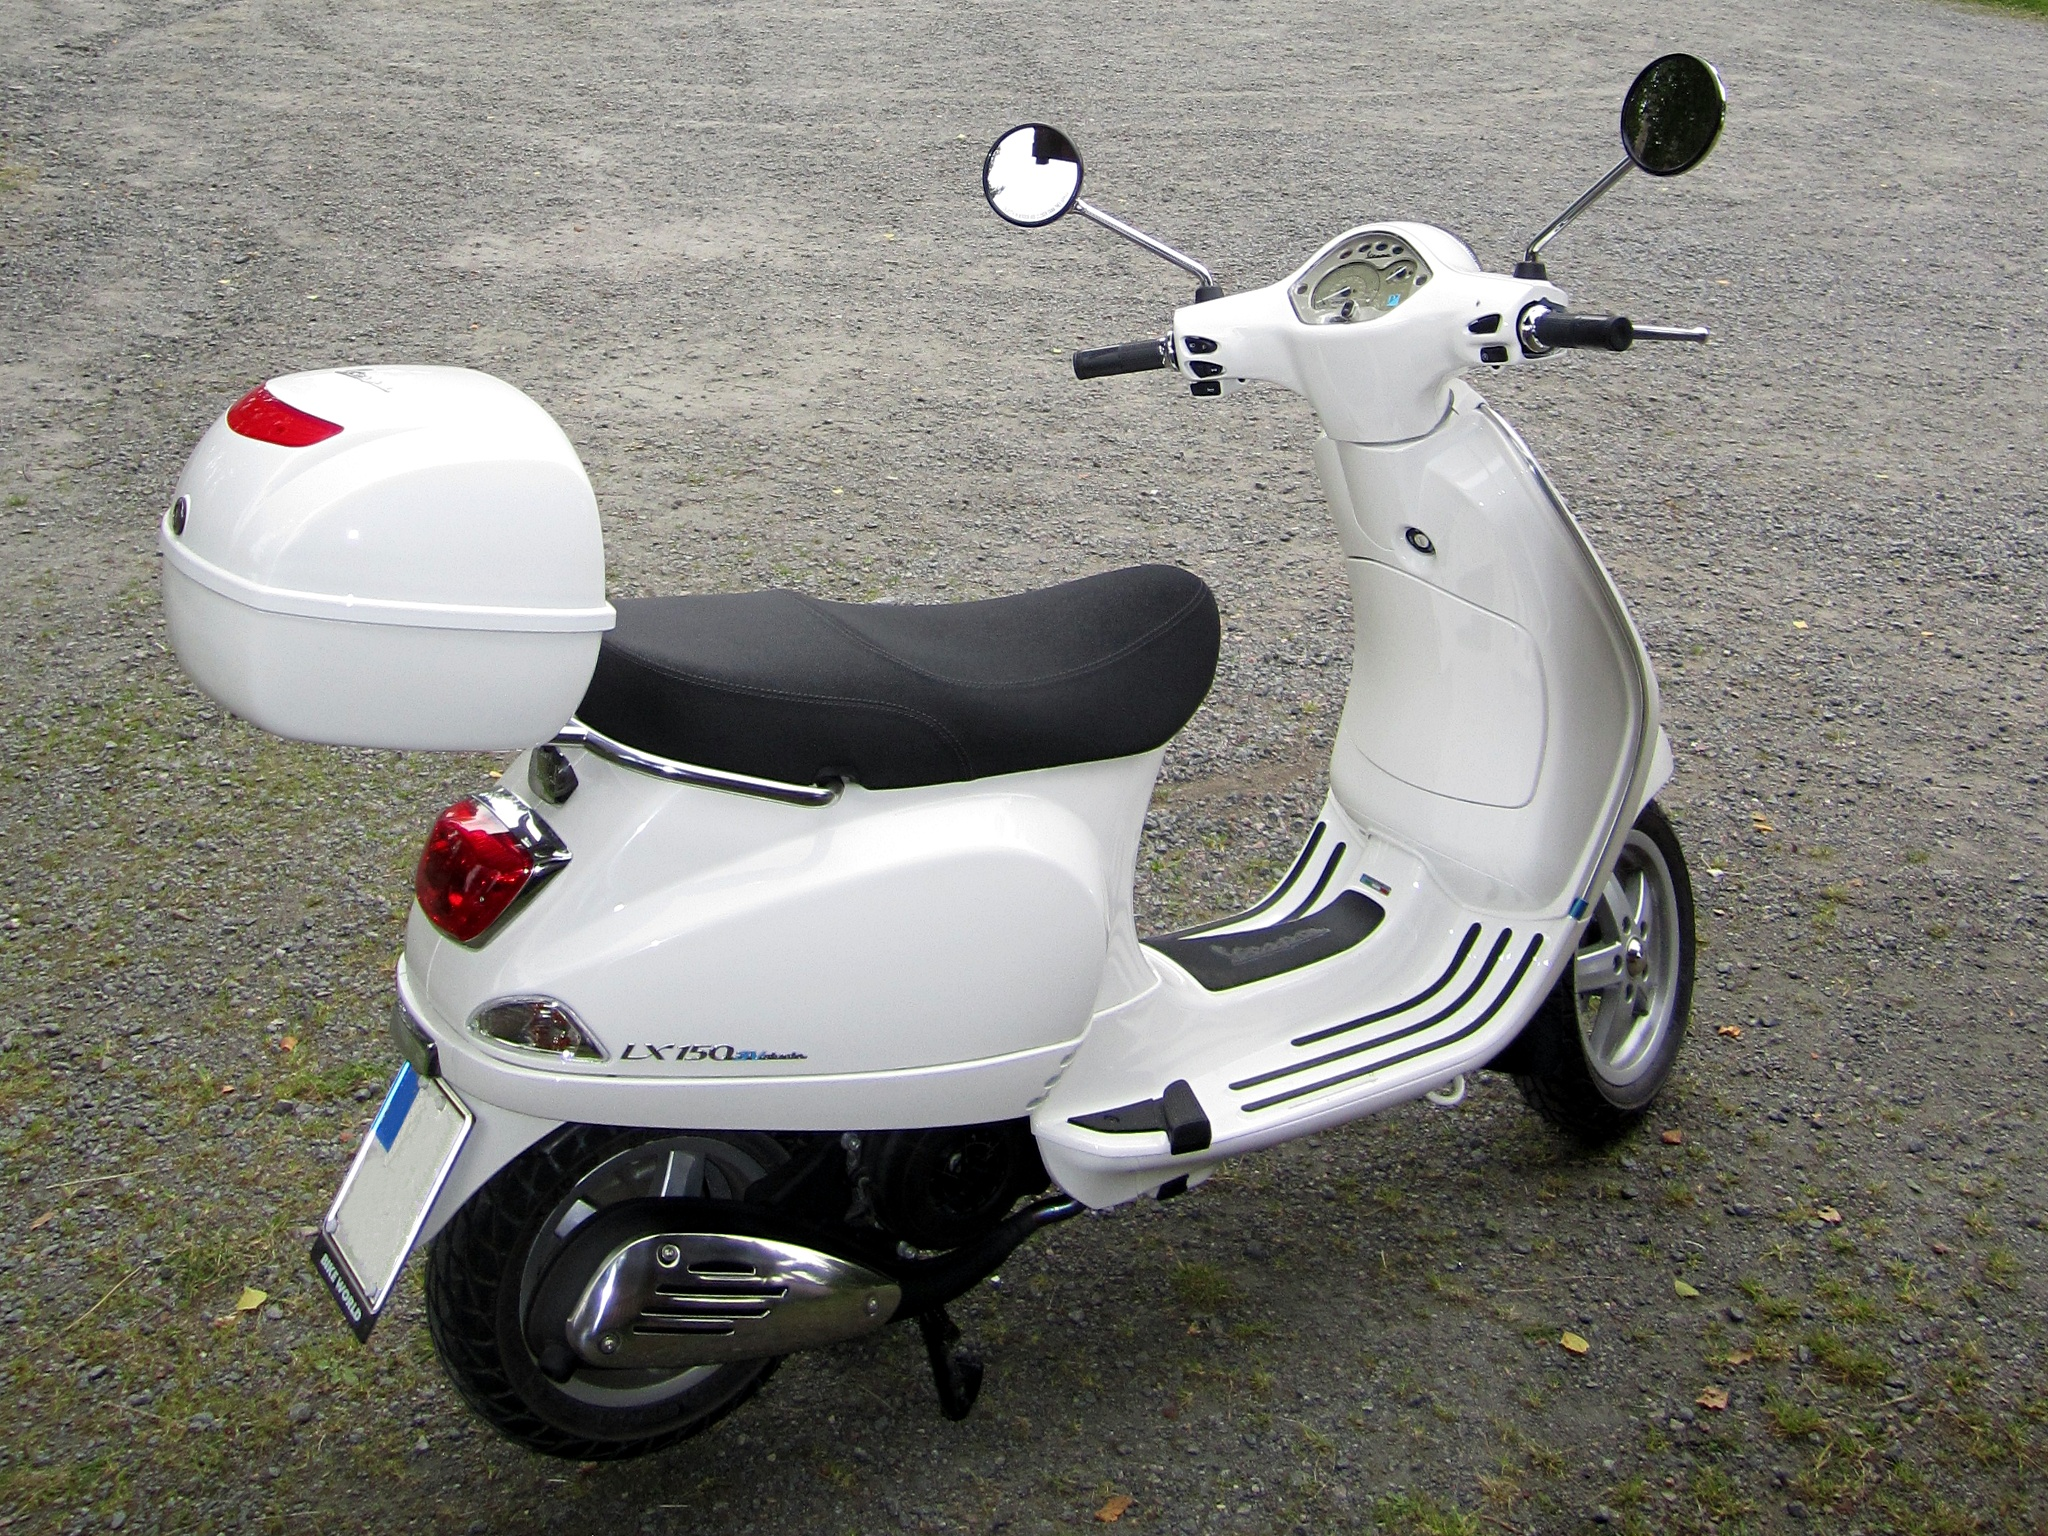 Vespa Lx 150 Modifications